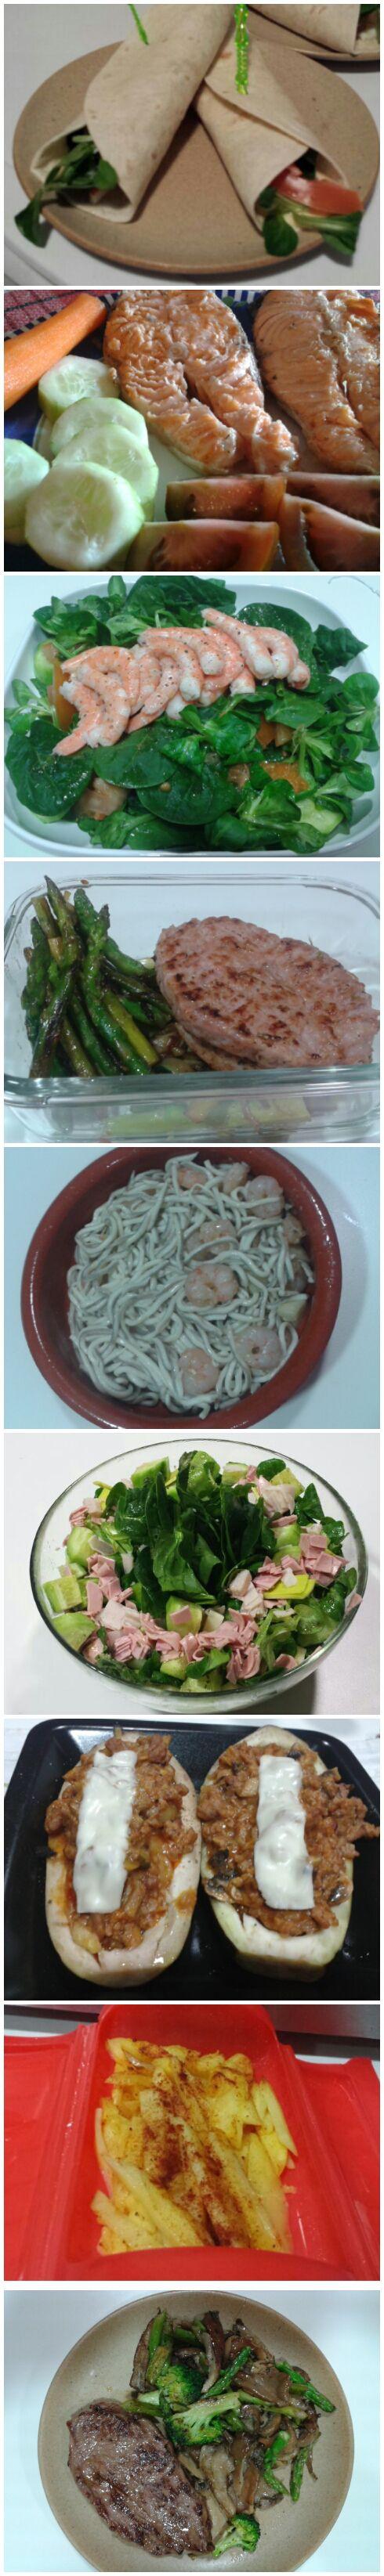 healthy food. Healthy dinner suggestions, no carbs, low fat.  Comida sana, sugerencias de cenas bajas en grasas y carbohidratos